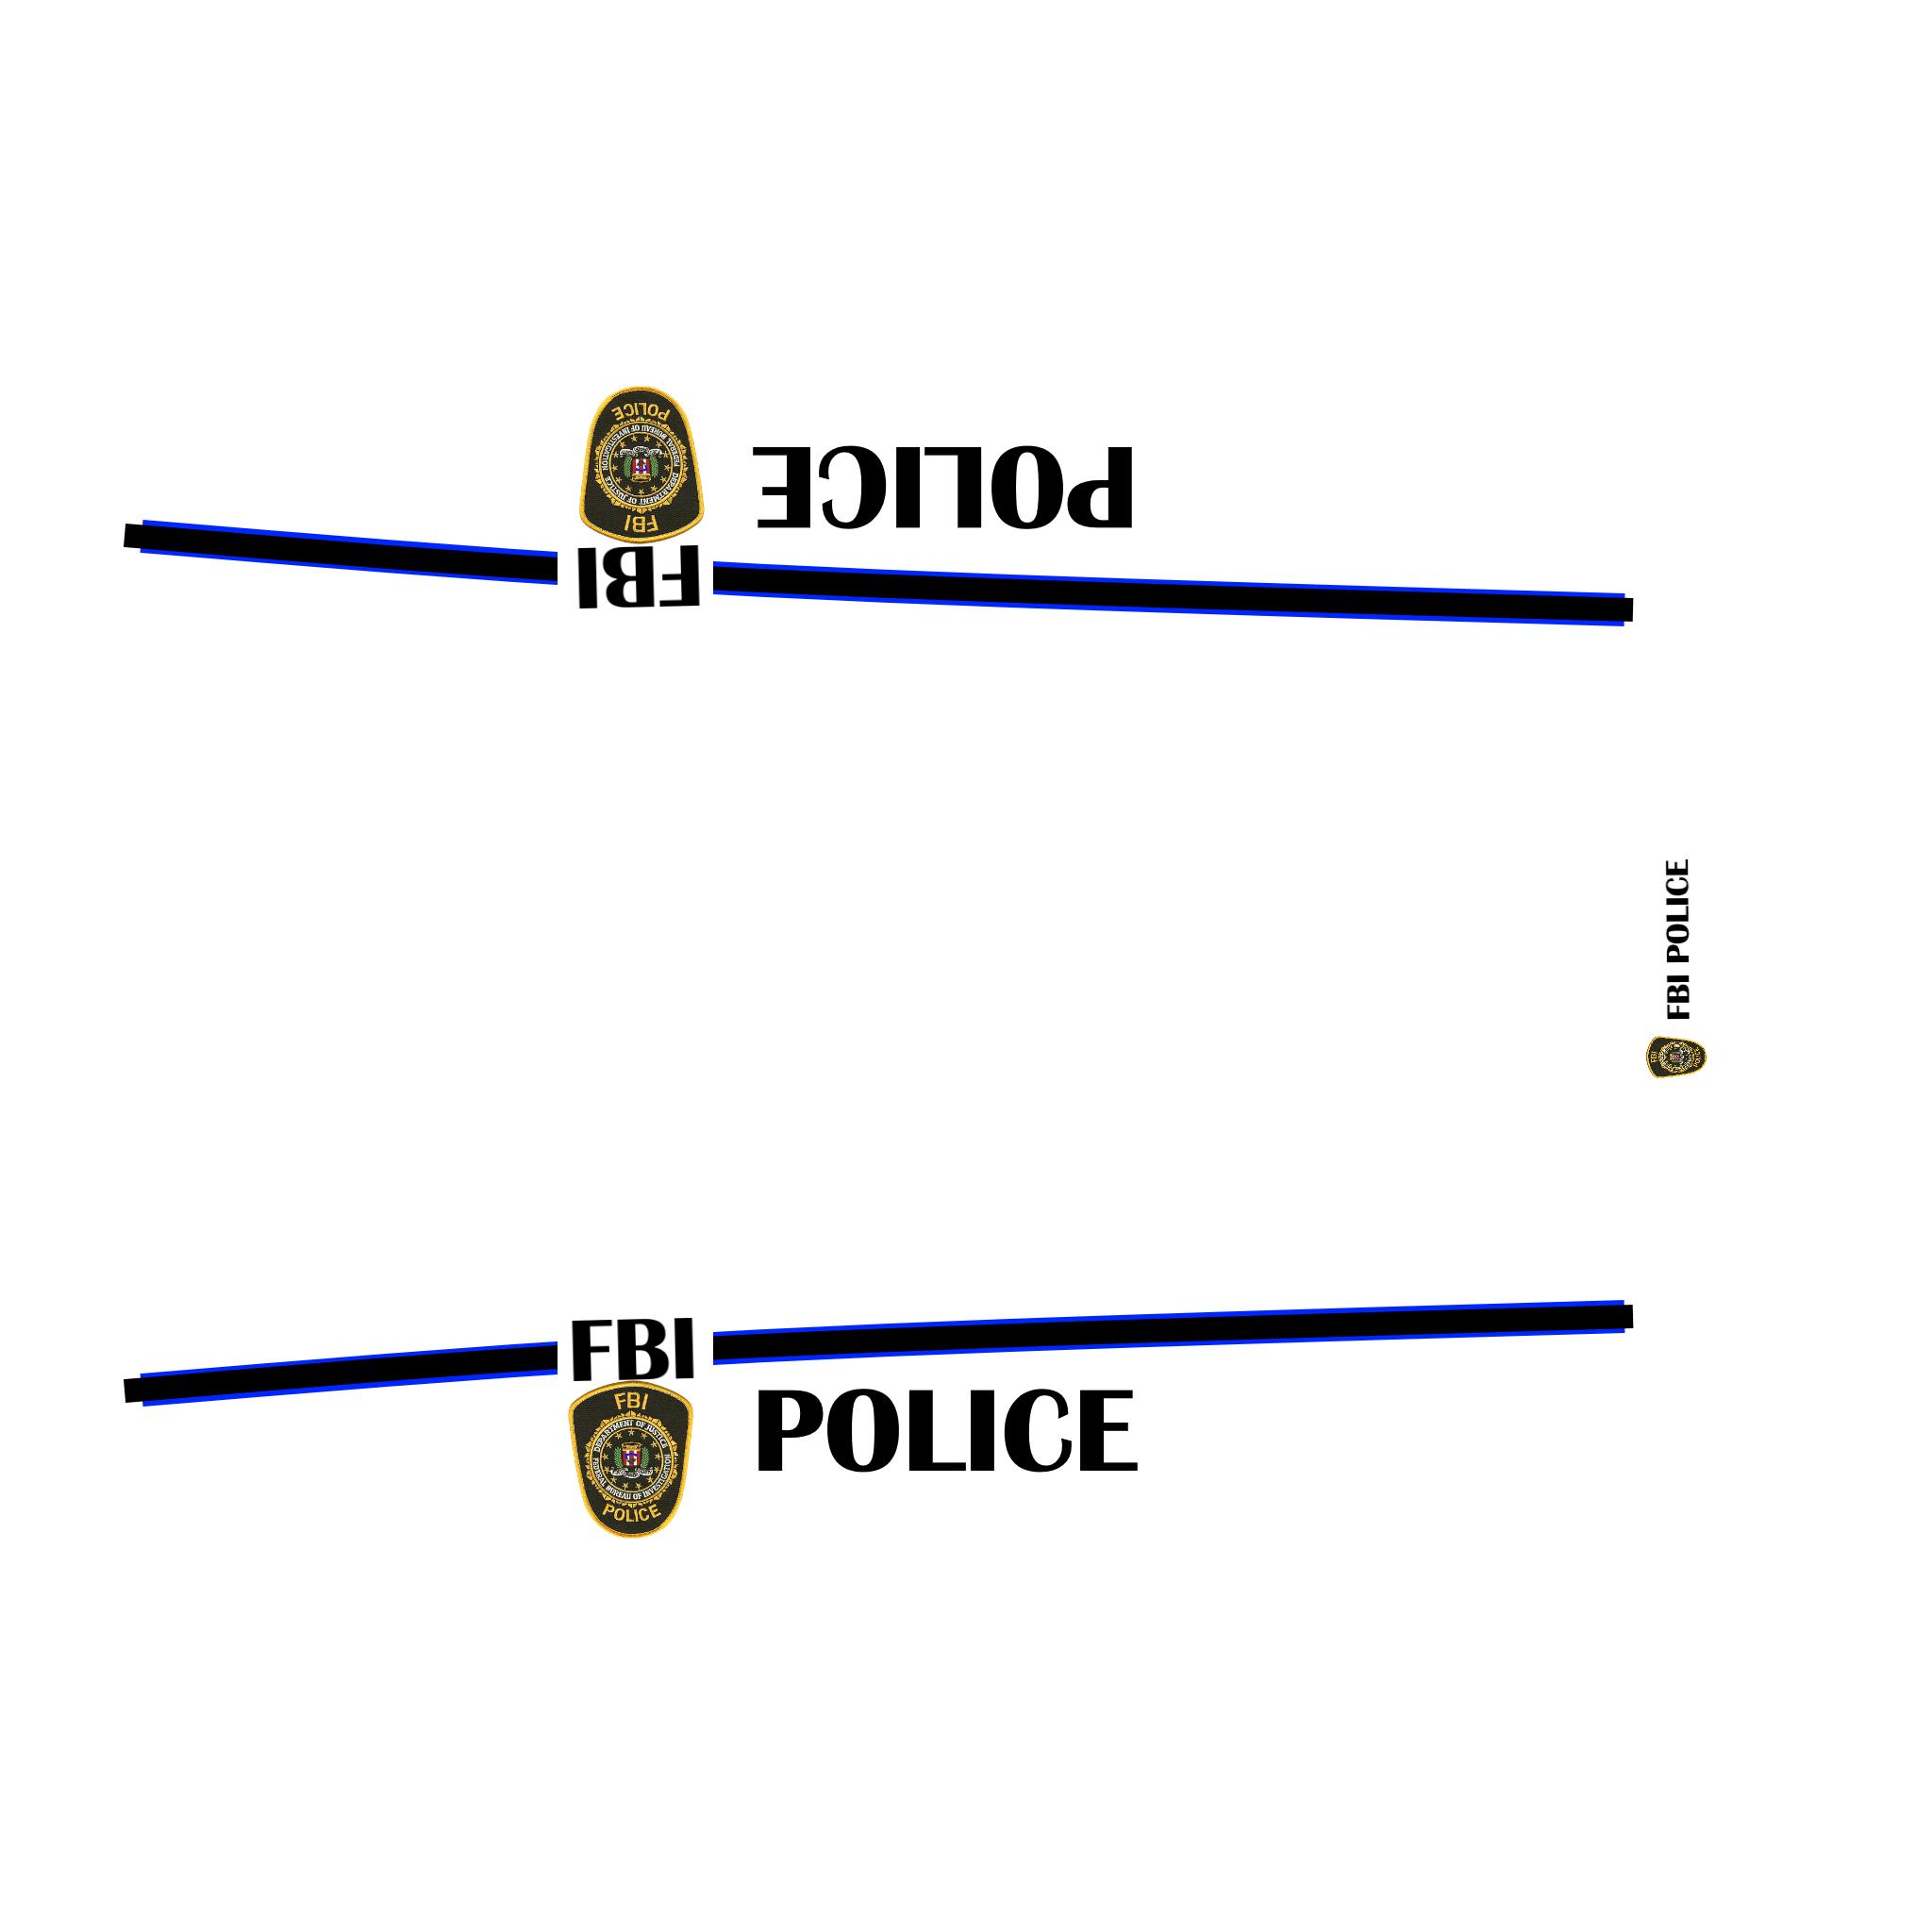 FBI Command